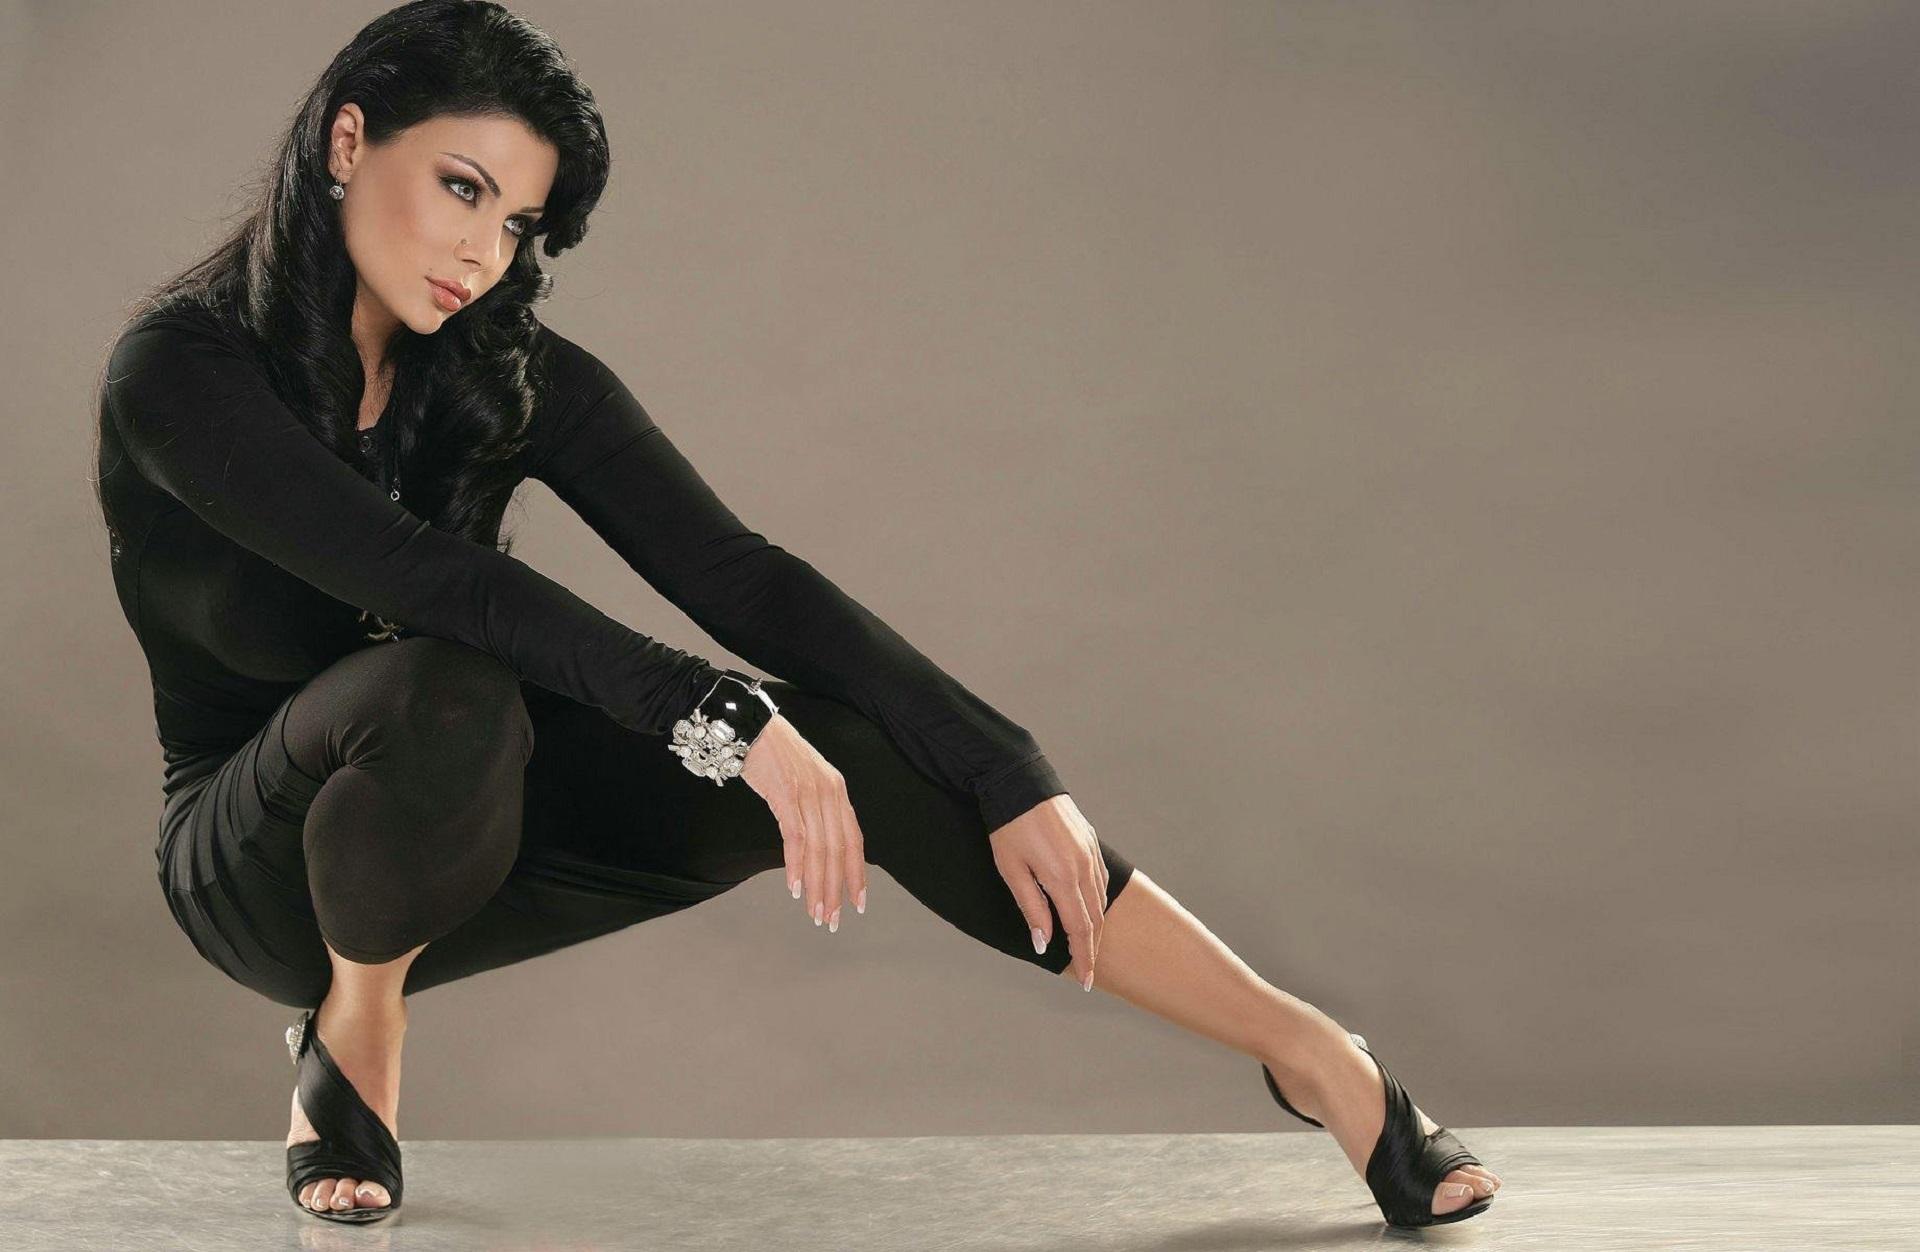 haifa wehbe celebrity hd wallpaper 640